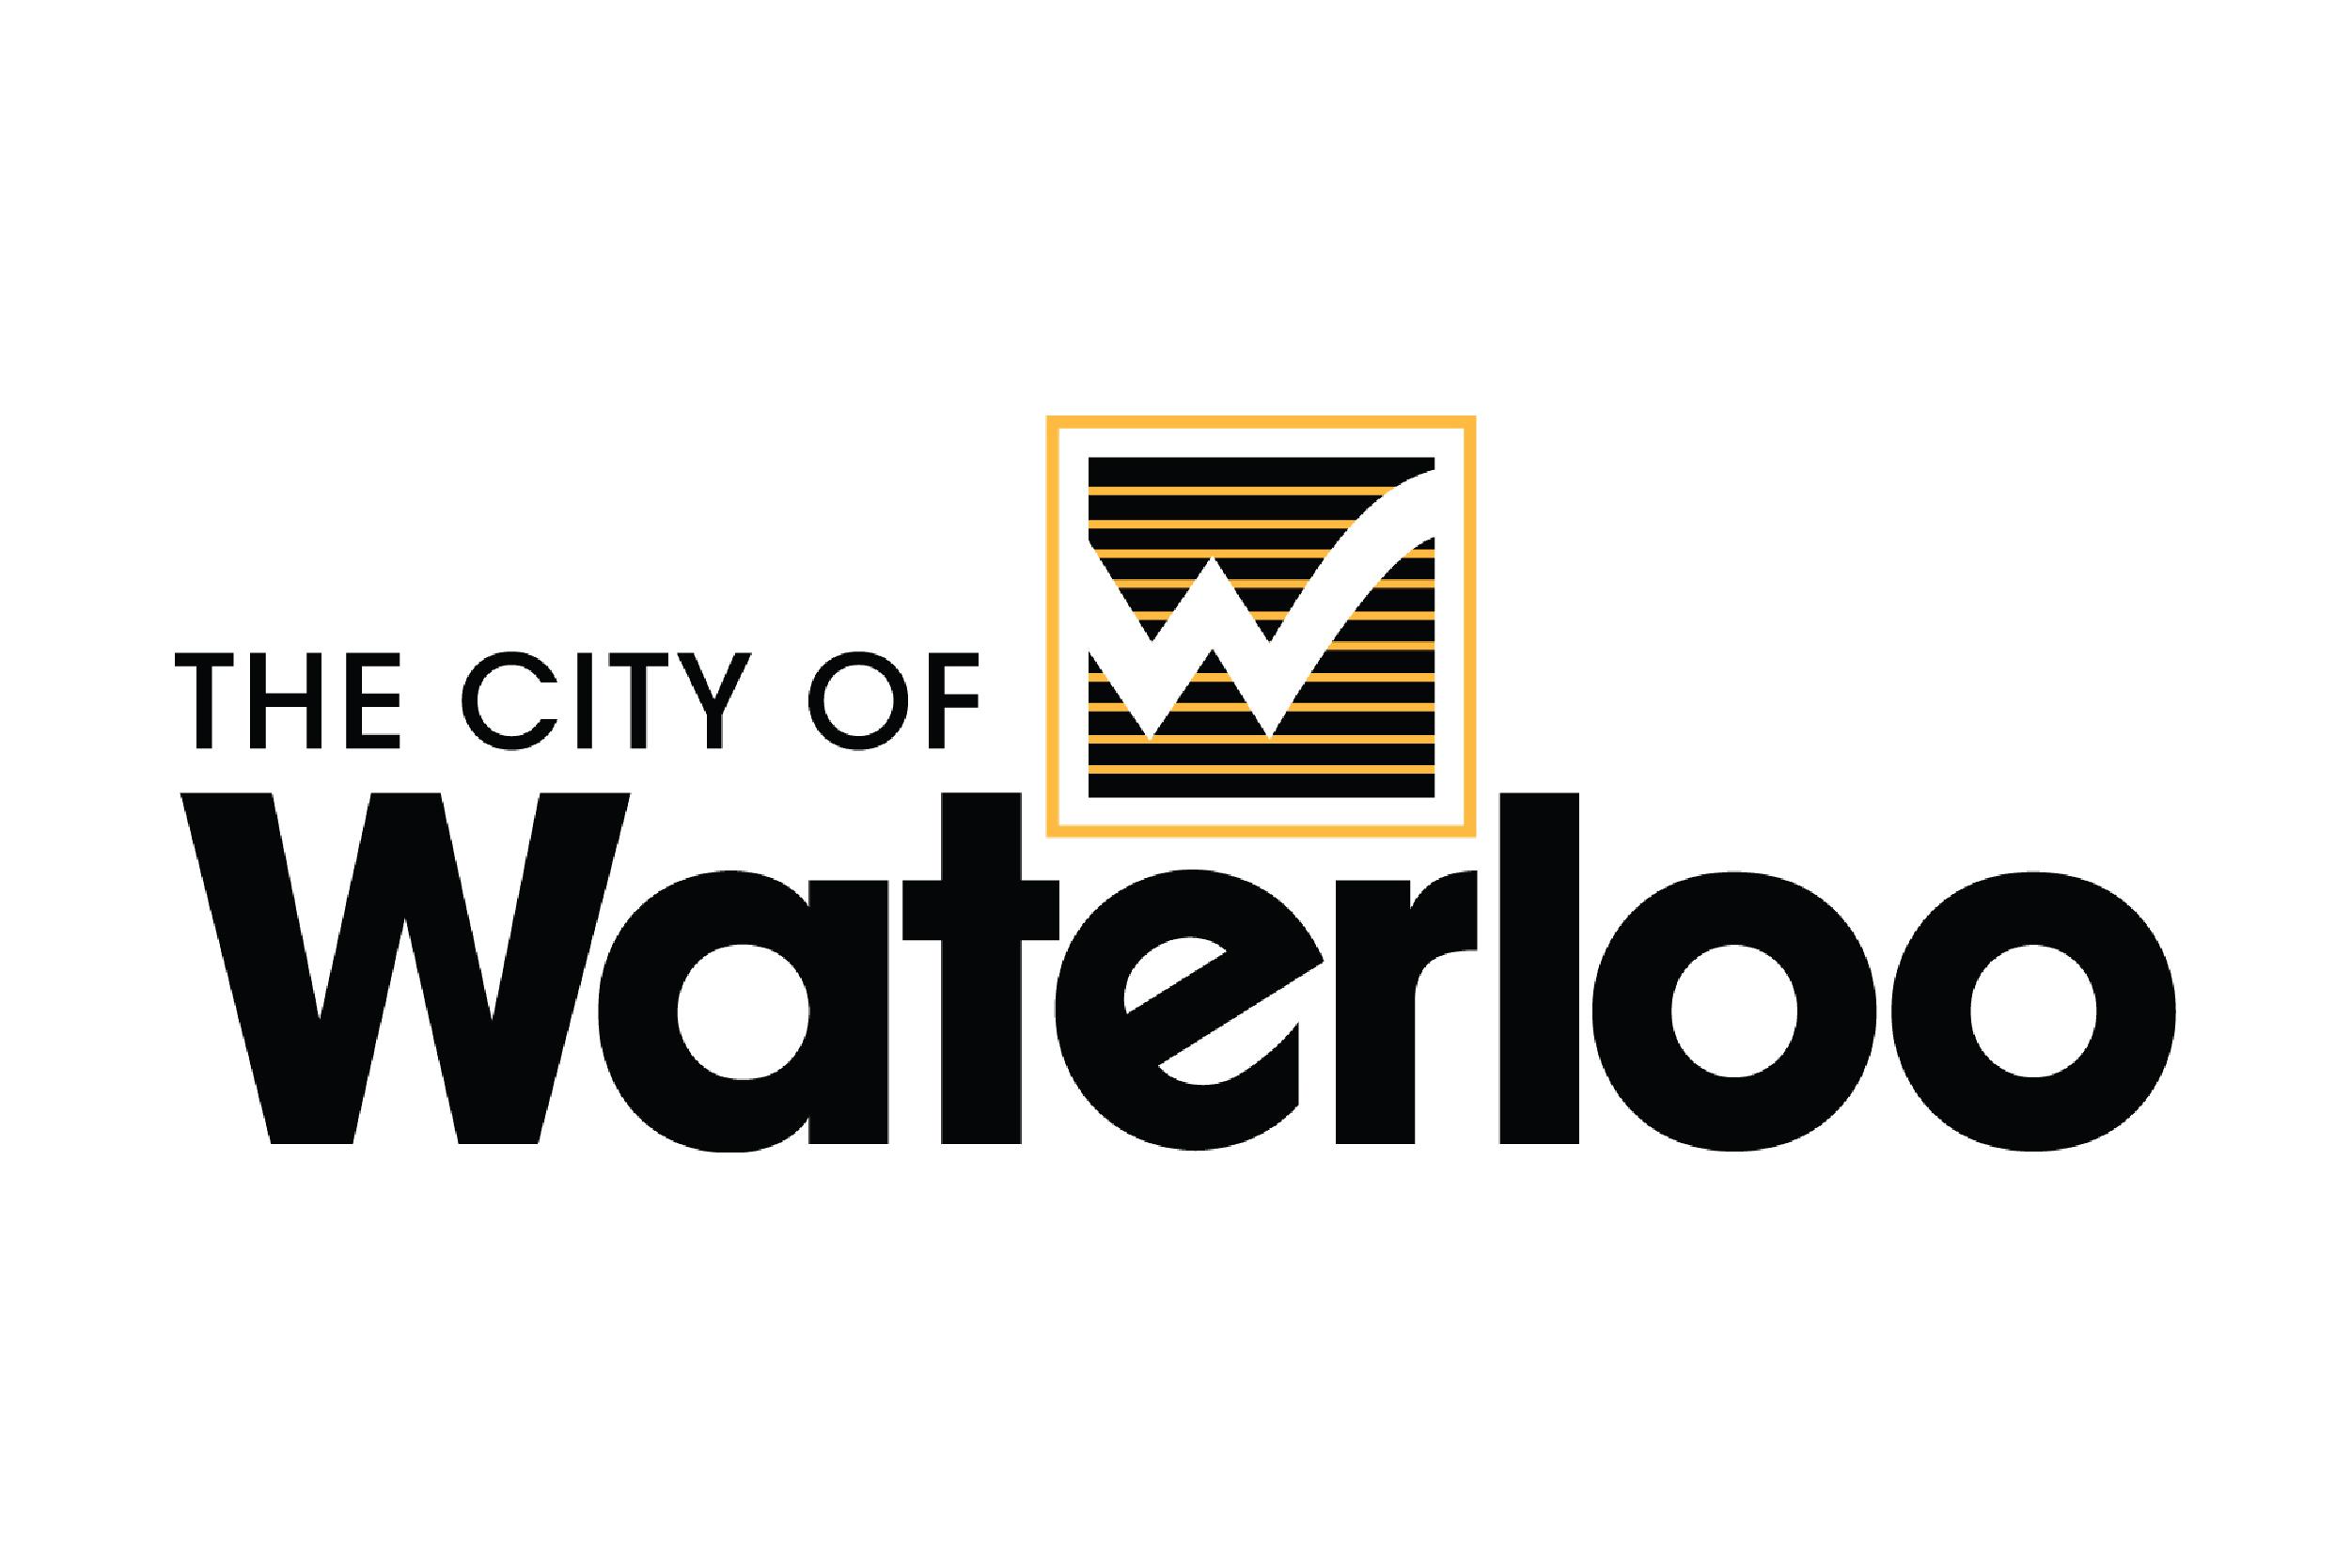 logo_CityofWaterloo_600x400